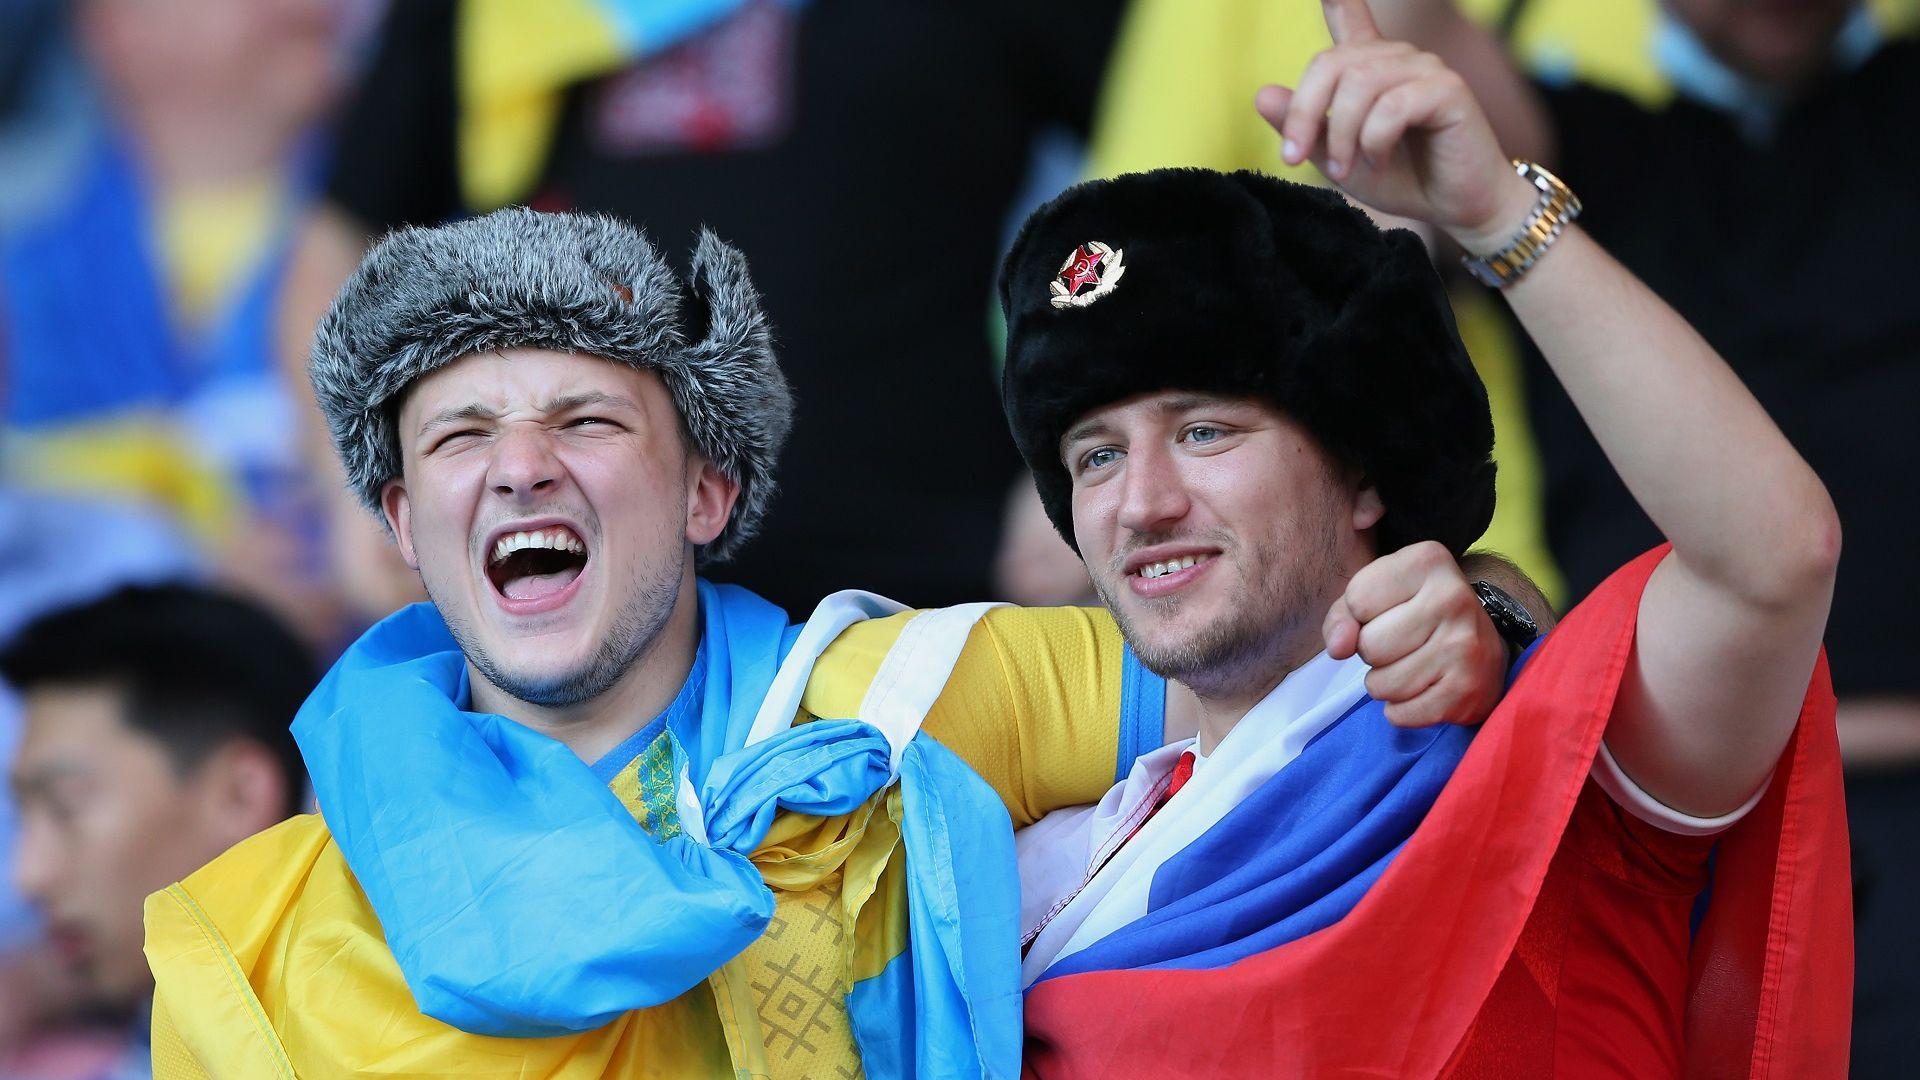 Набиха руски фен при историческата победа на Украйна